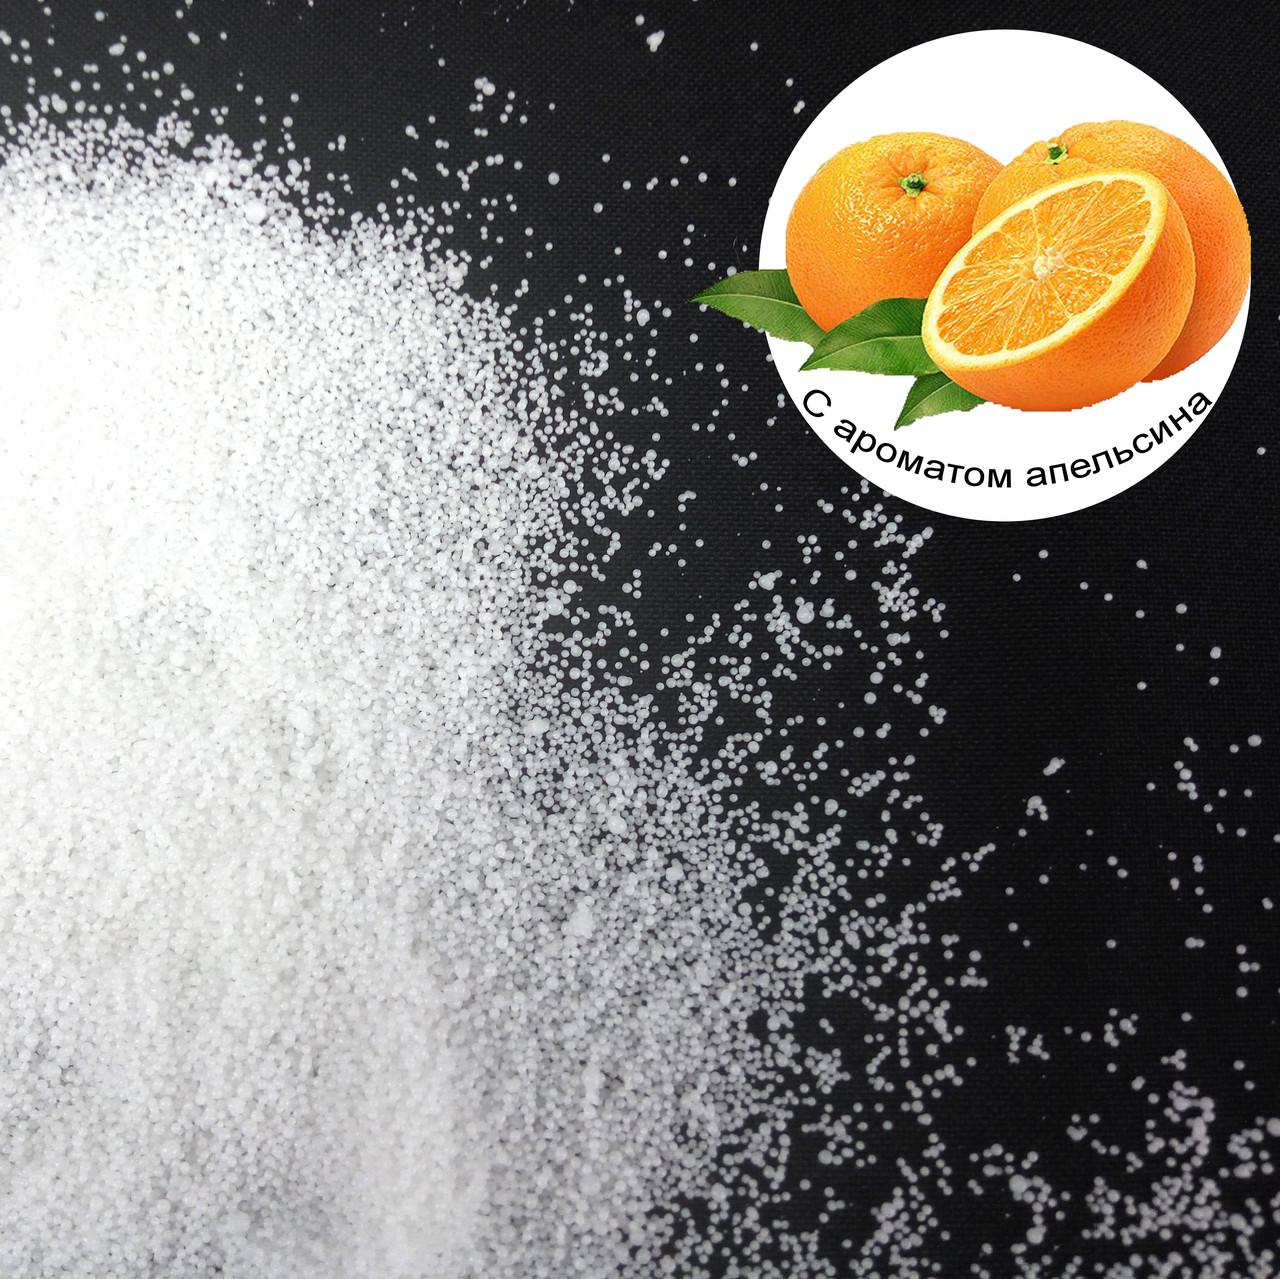 Ароматизированные насыпные свечи с запахом апельсина 1 кг + 1 м фитиля